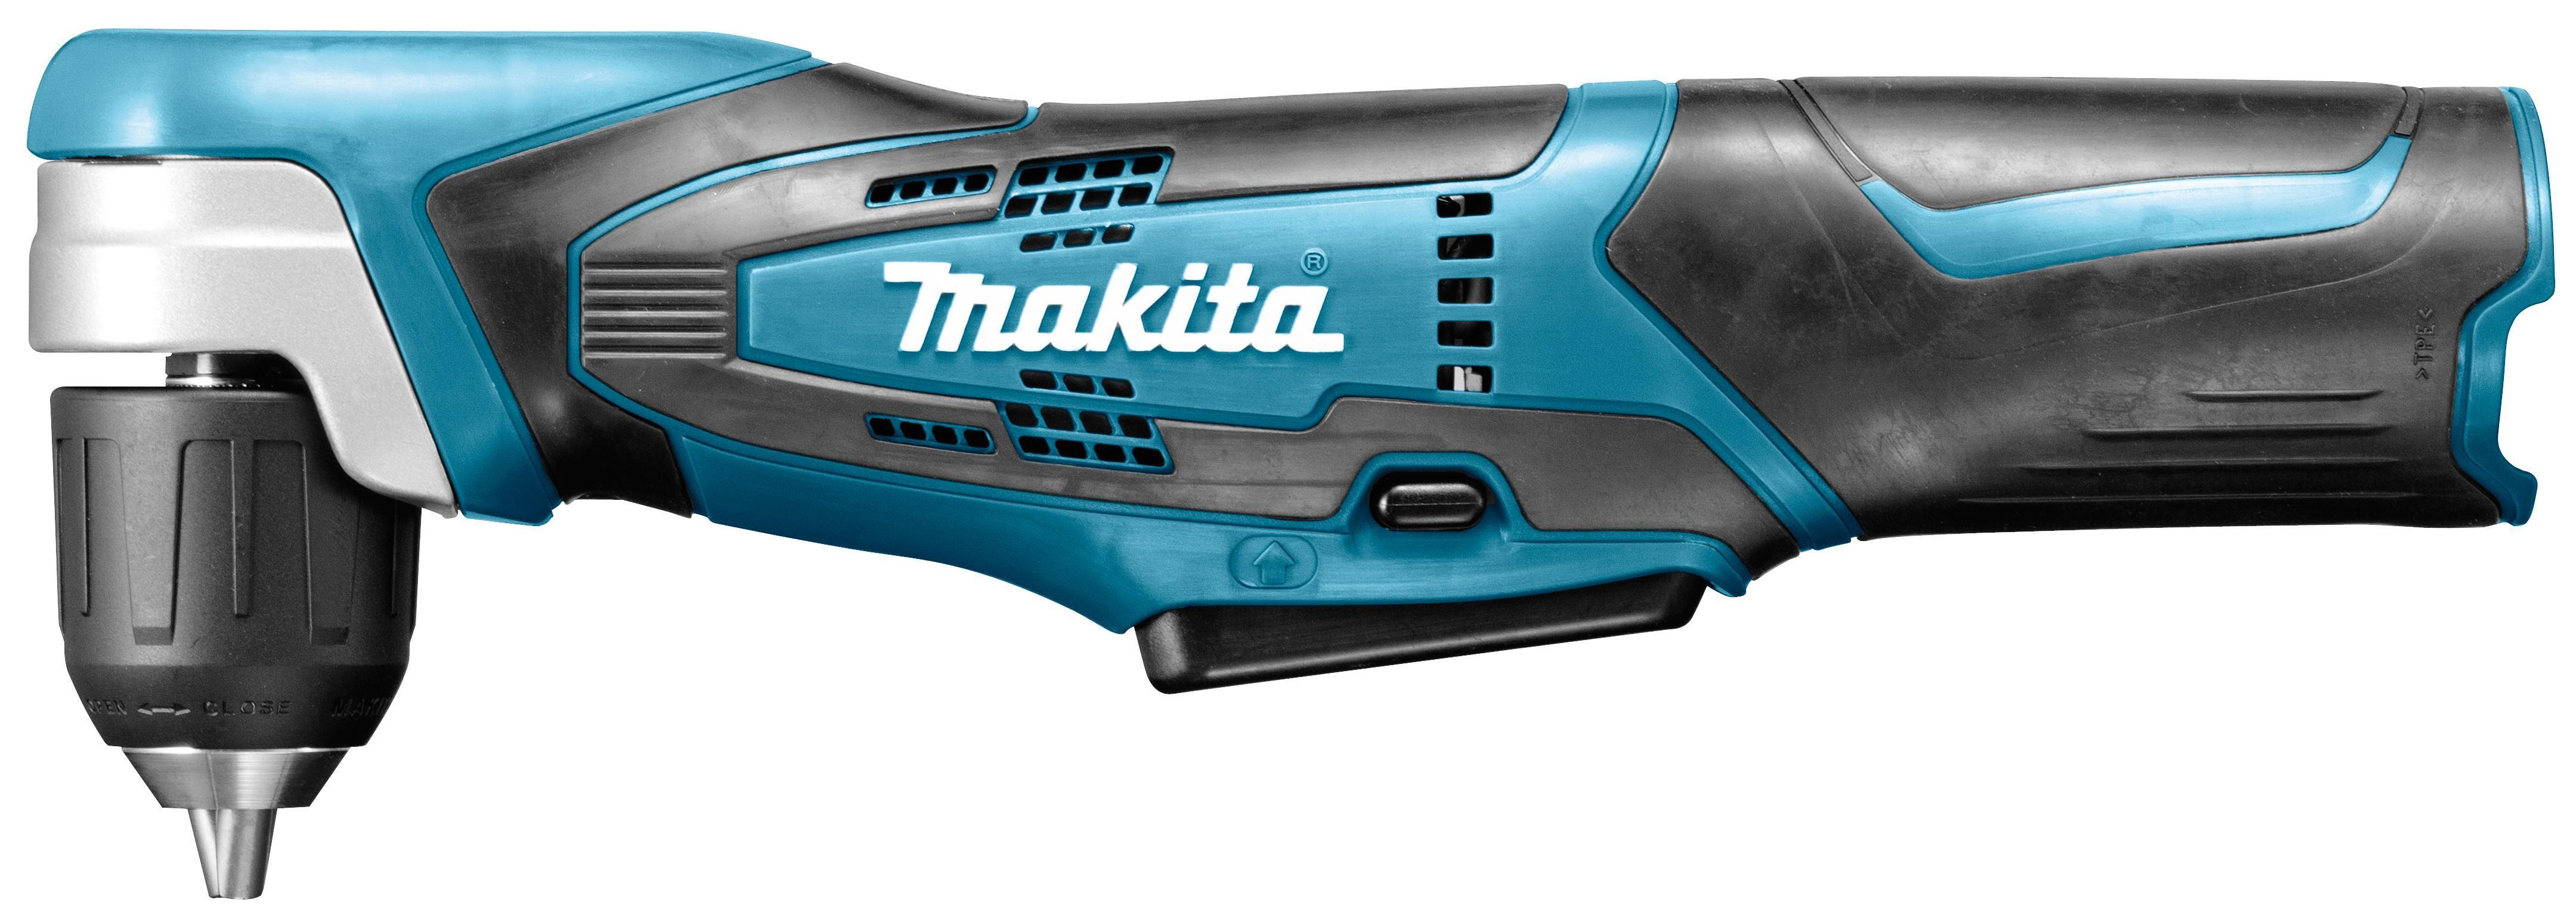 Дрель аккумуляторная Makita Da331dz угловая БЕЗ АКК. и З/У аккумуляторный шпоночный фрезер makita bpj140z без акк и з у